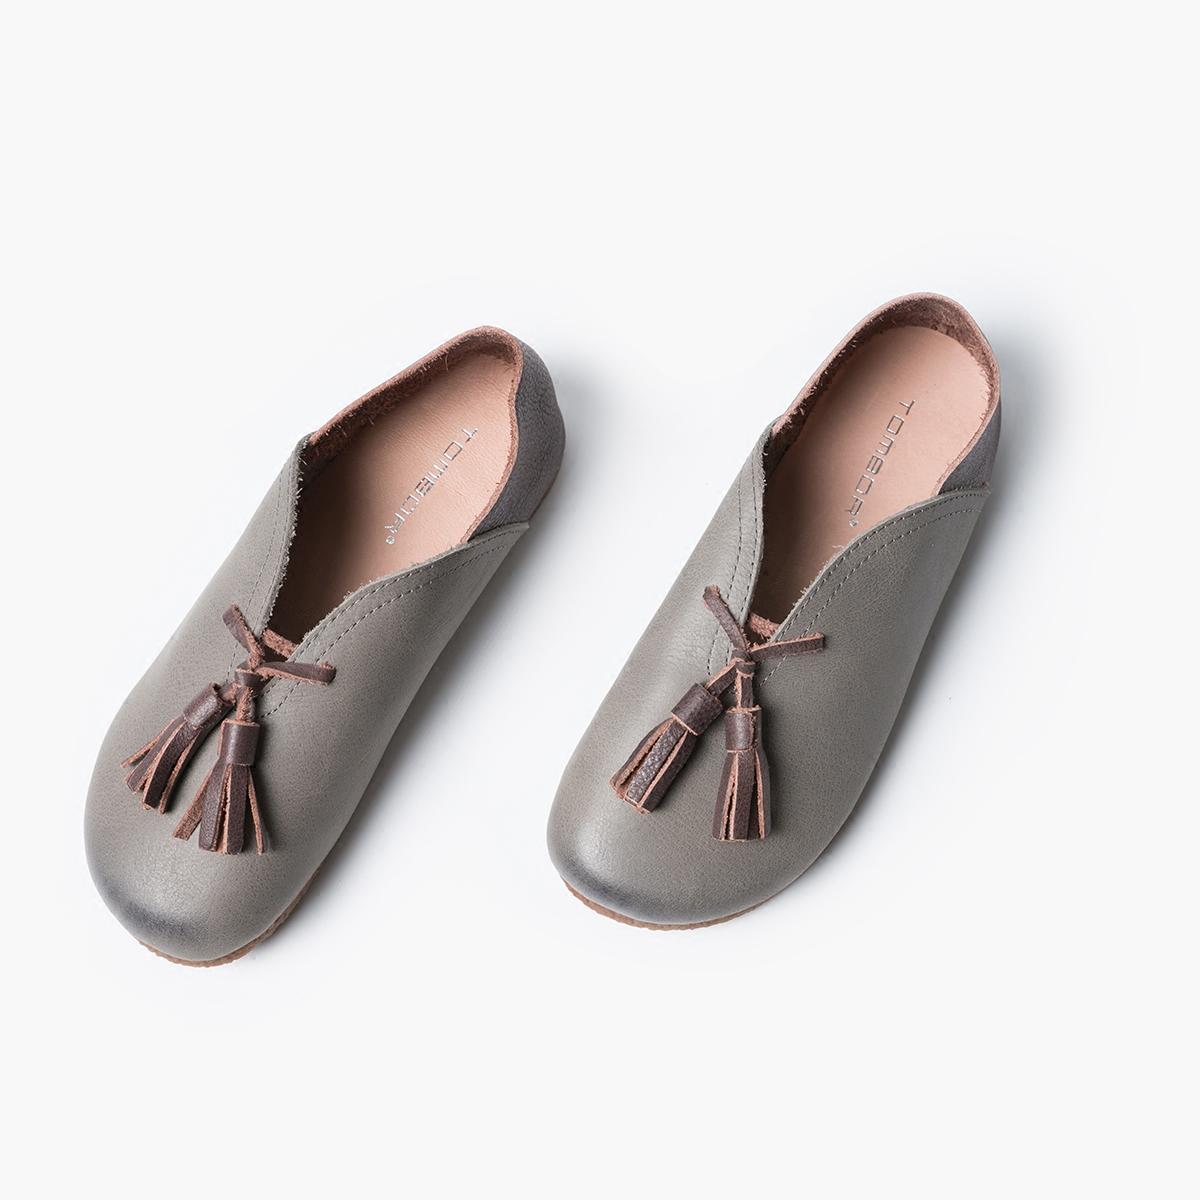 限10000张券tombor奶奶鞋平底复古软皮手工单鞋